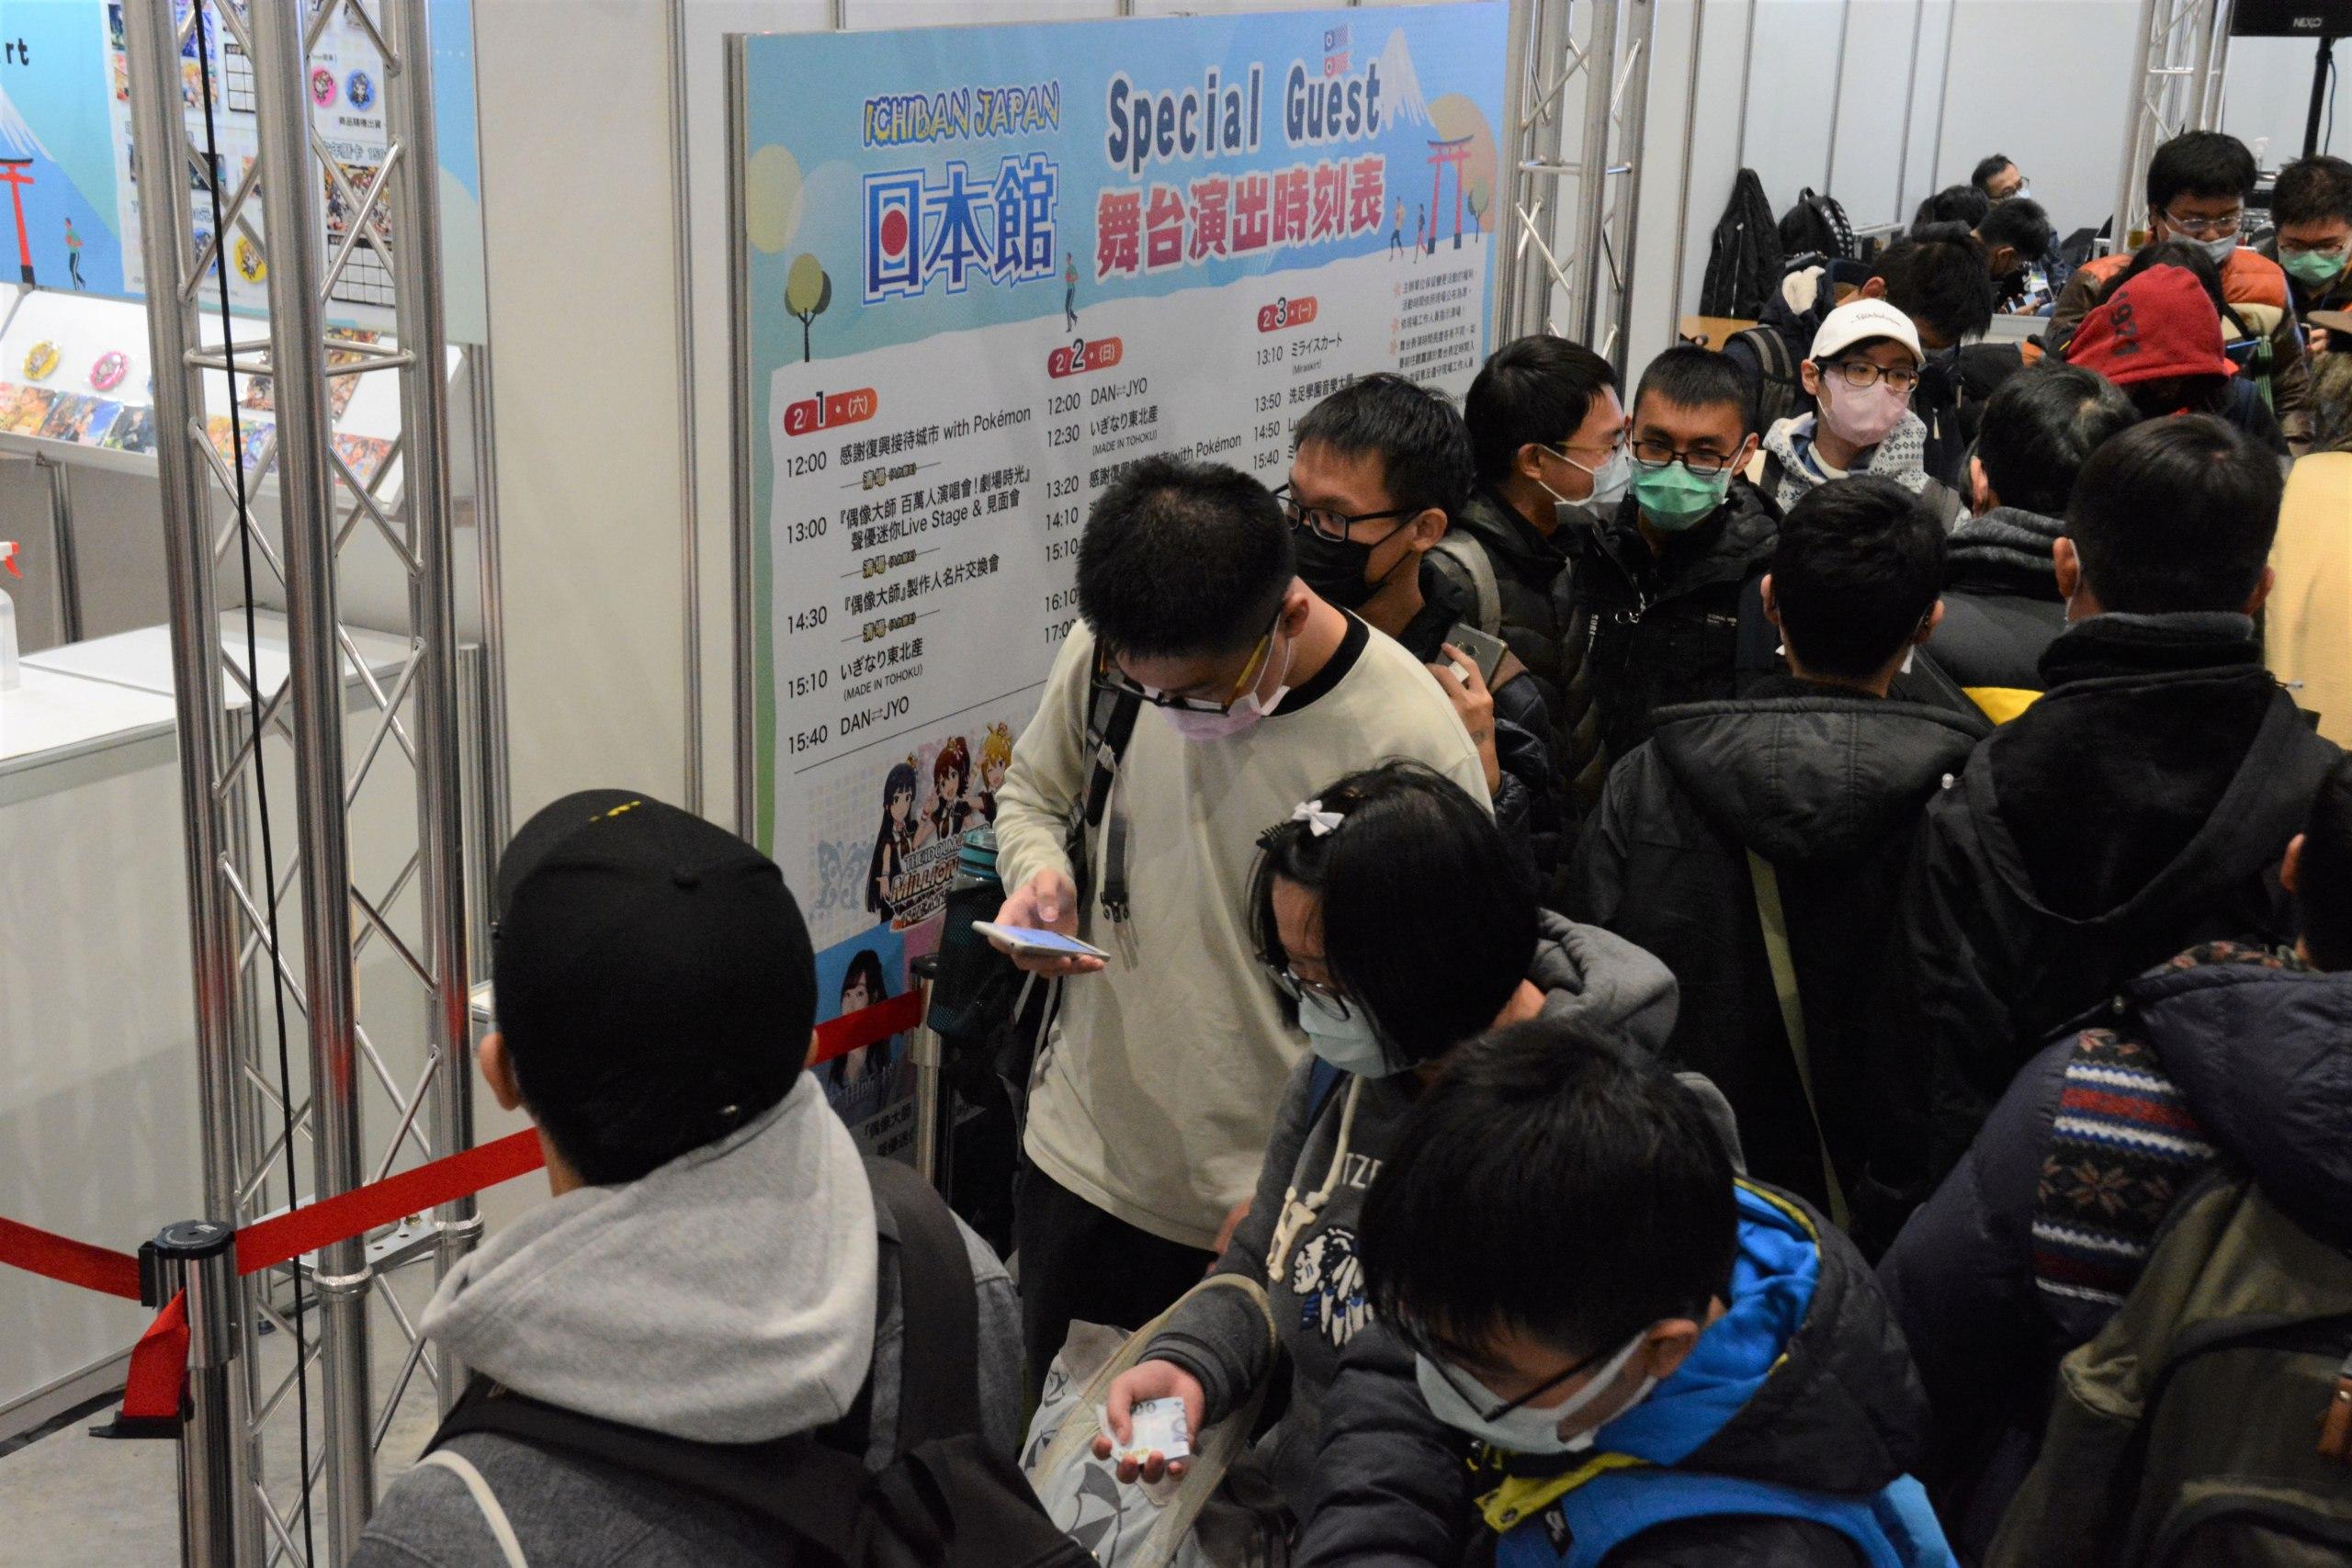 2020動漫 ICHIBAN JAPAN日本館 不畏寒流疫情 開館首日猛灌爆量人潮瘋搶周邊 Uzucna10